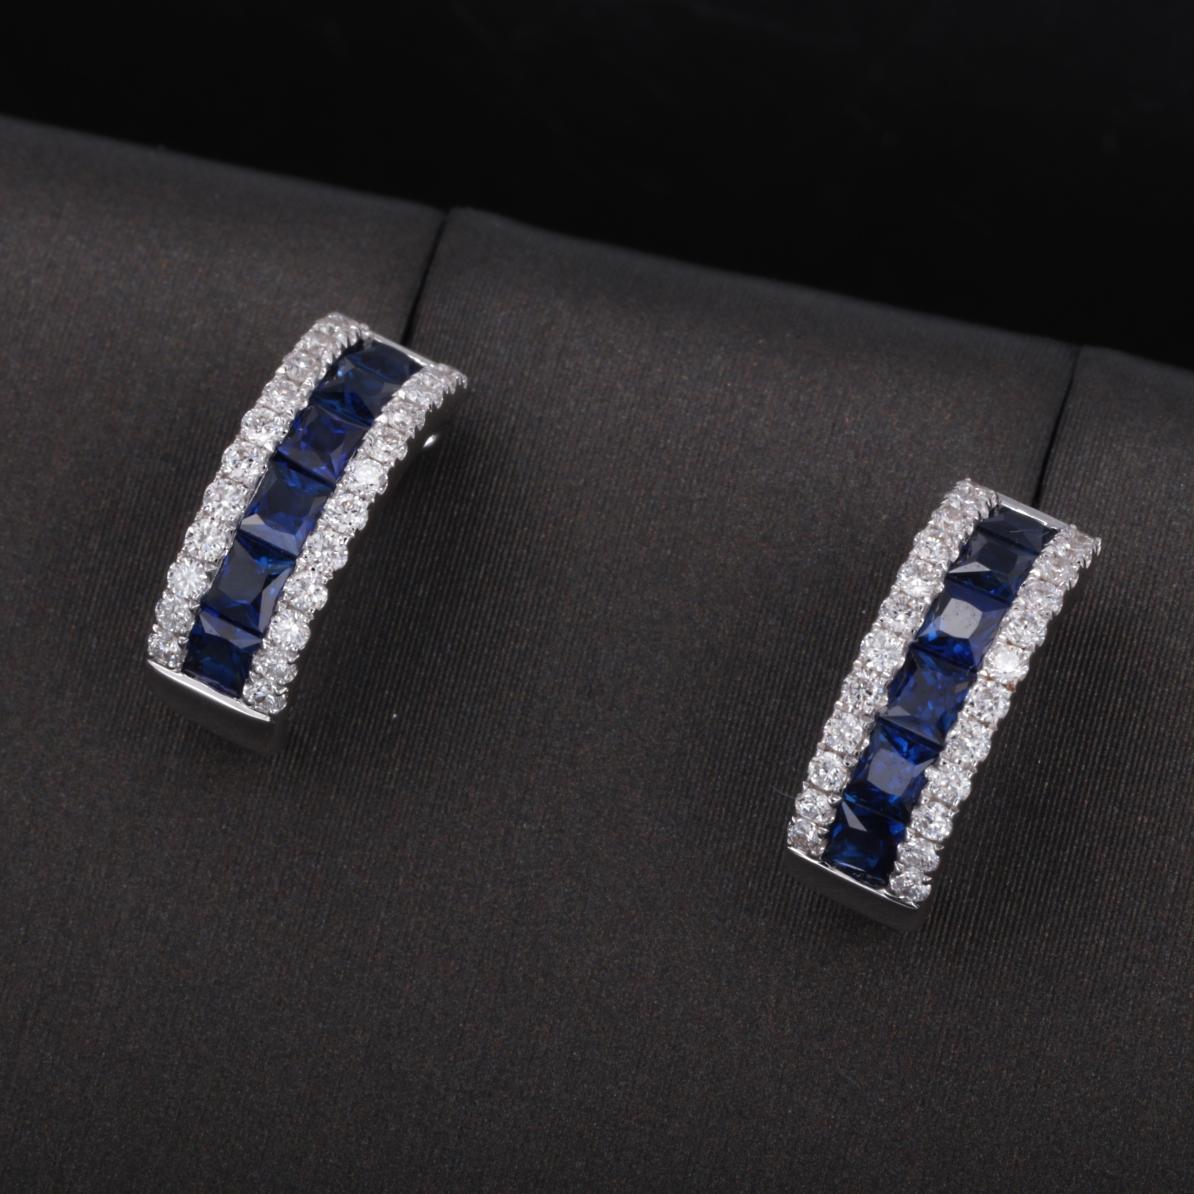 【耳饰】18k金+蓝宝石+钻石